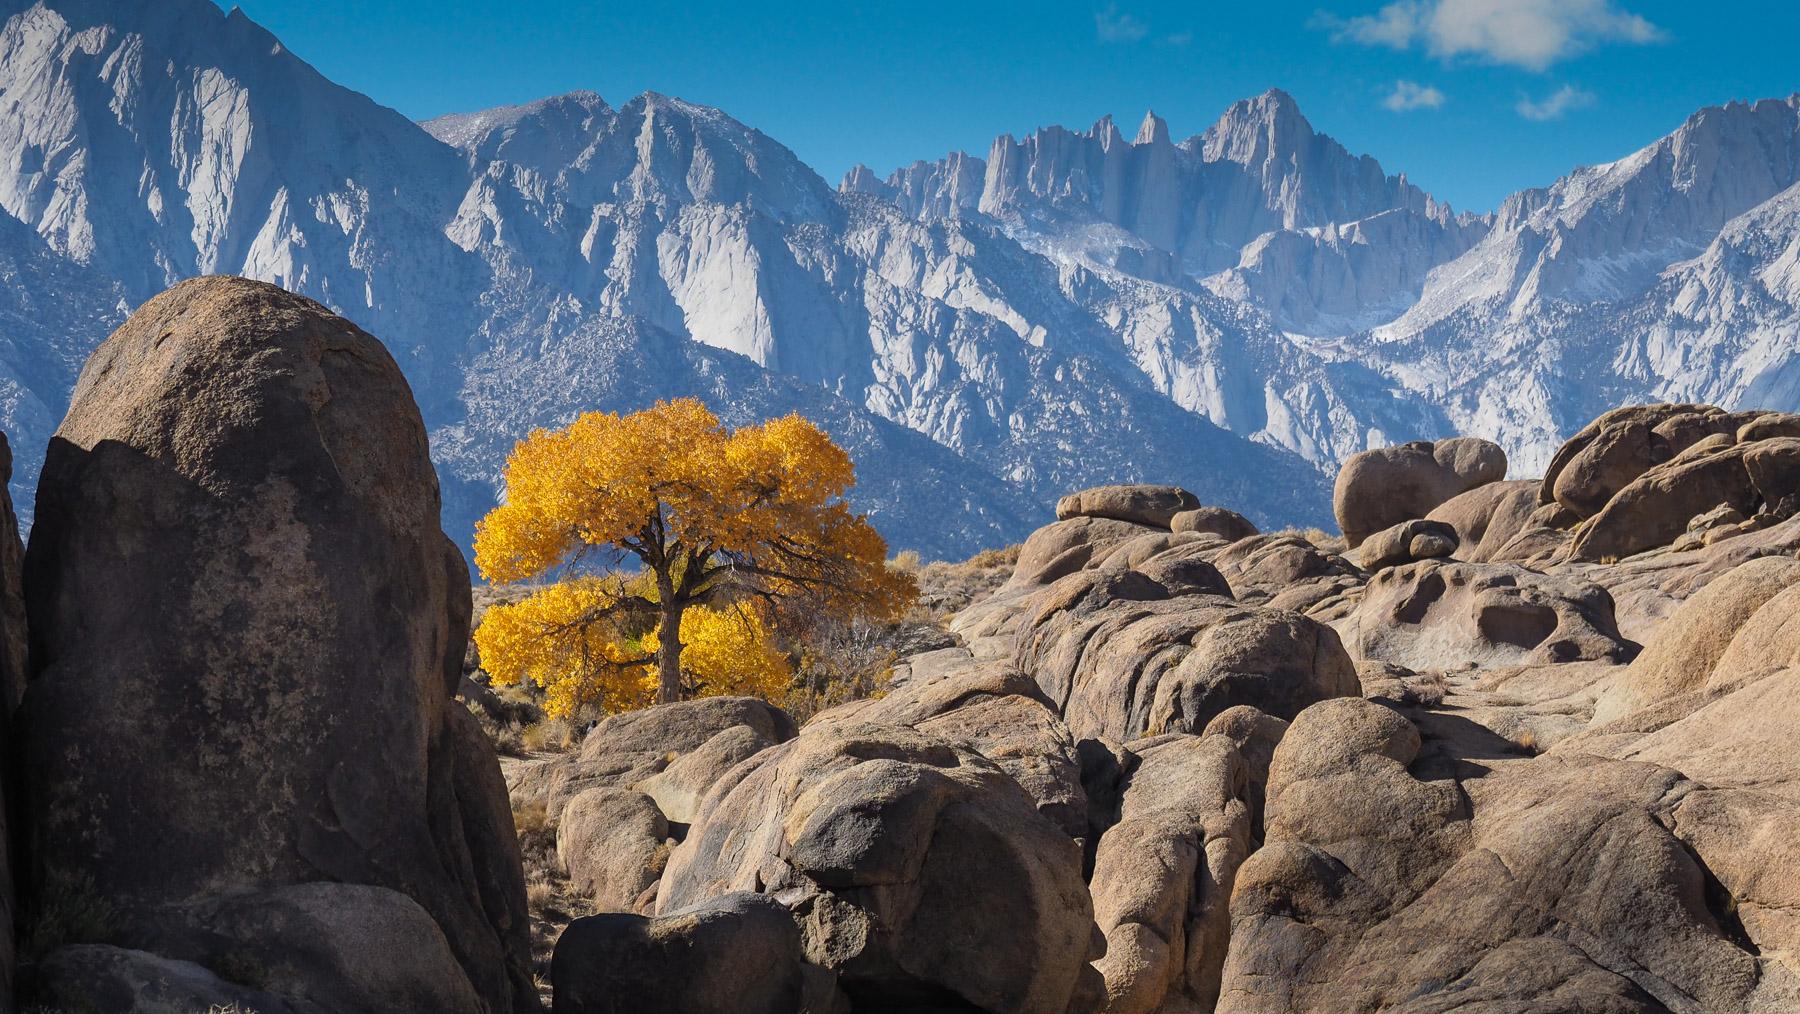 Herbstbaum vor der Sierra